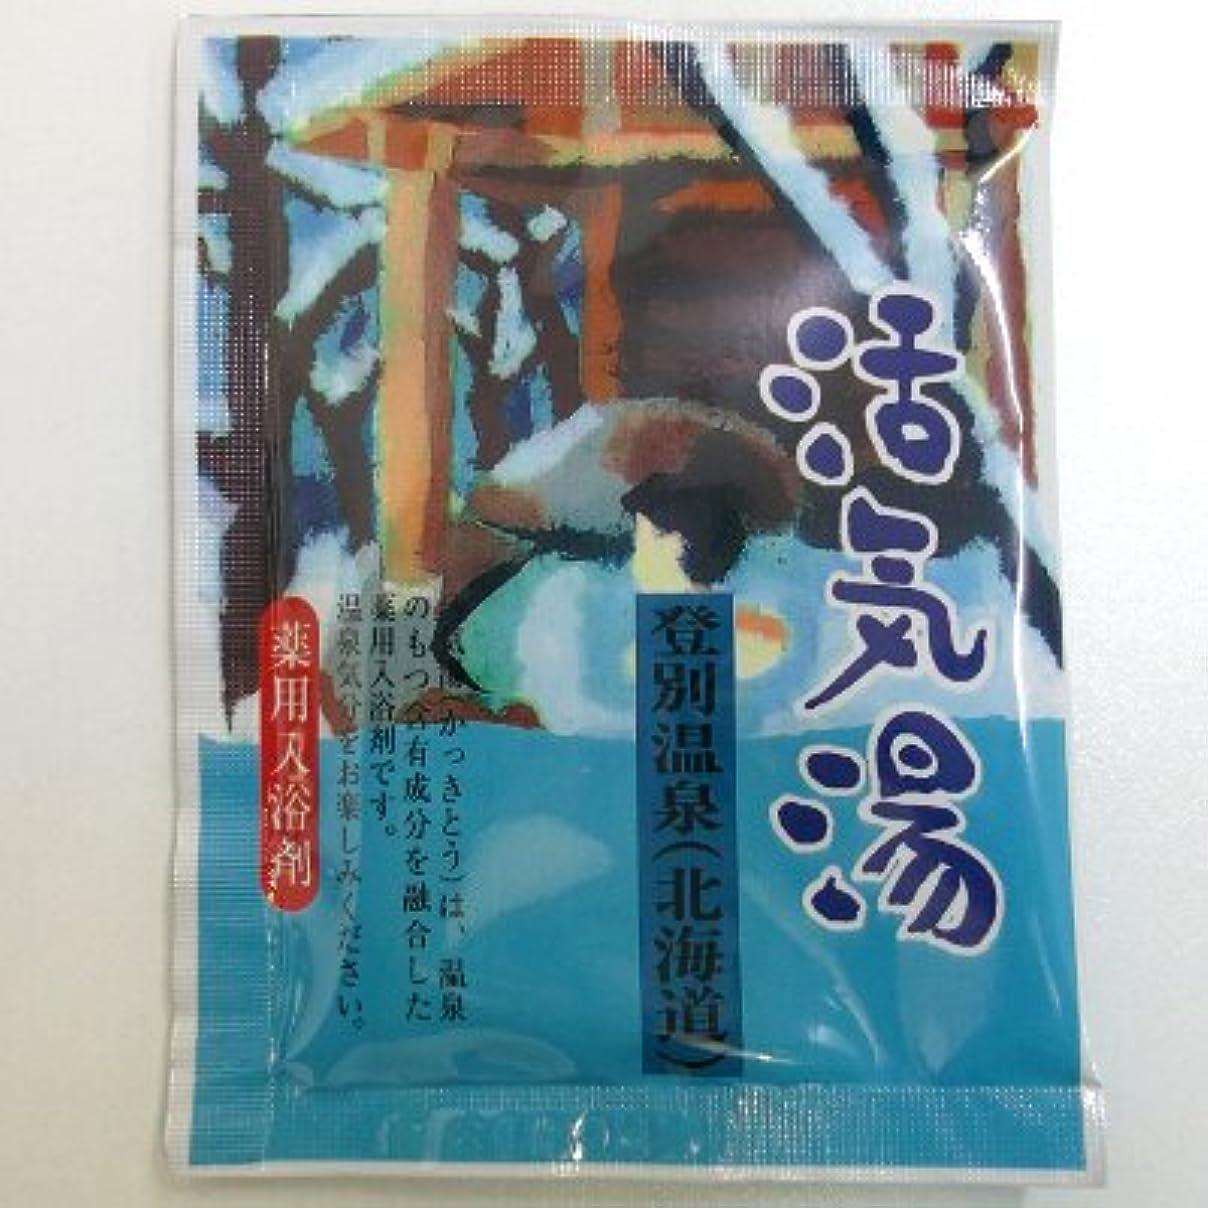 シエスタ野な城活気湯 登別温泉(ミント)